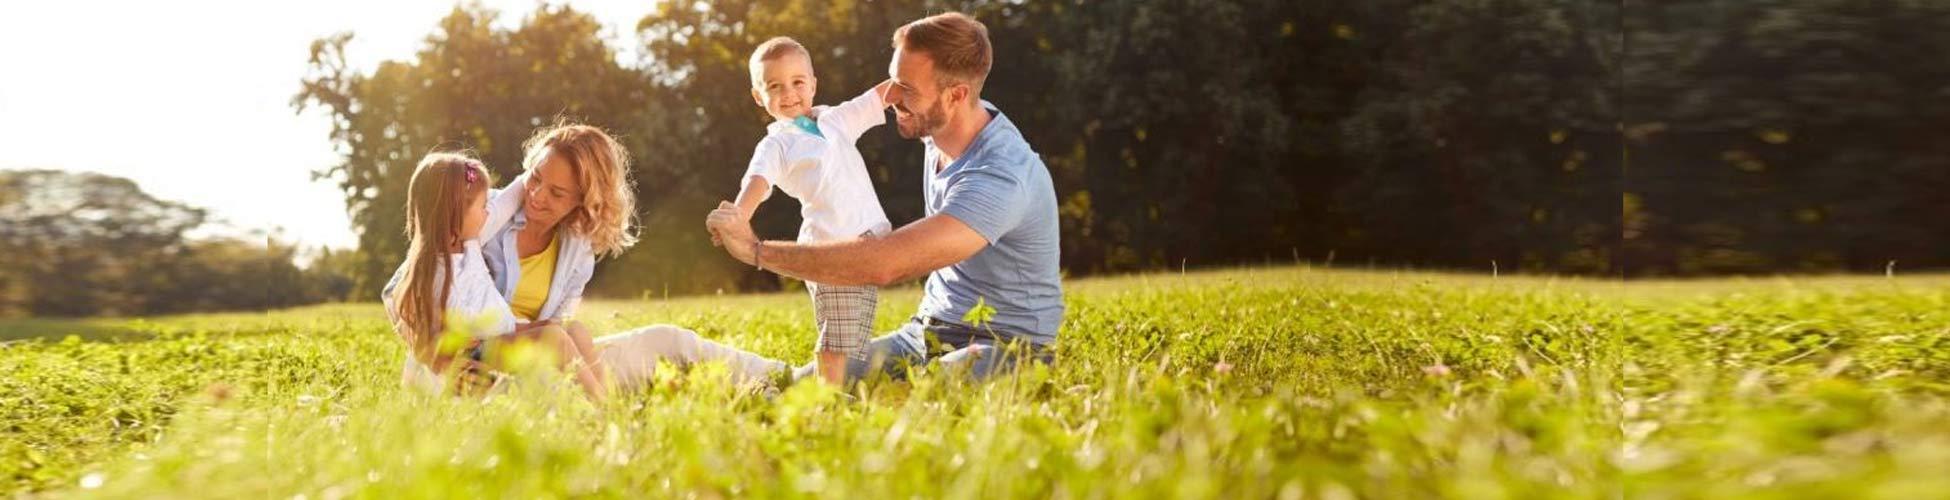 Zeckenentferner - Wixchtig für Familie